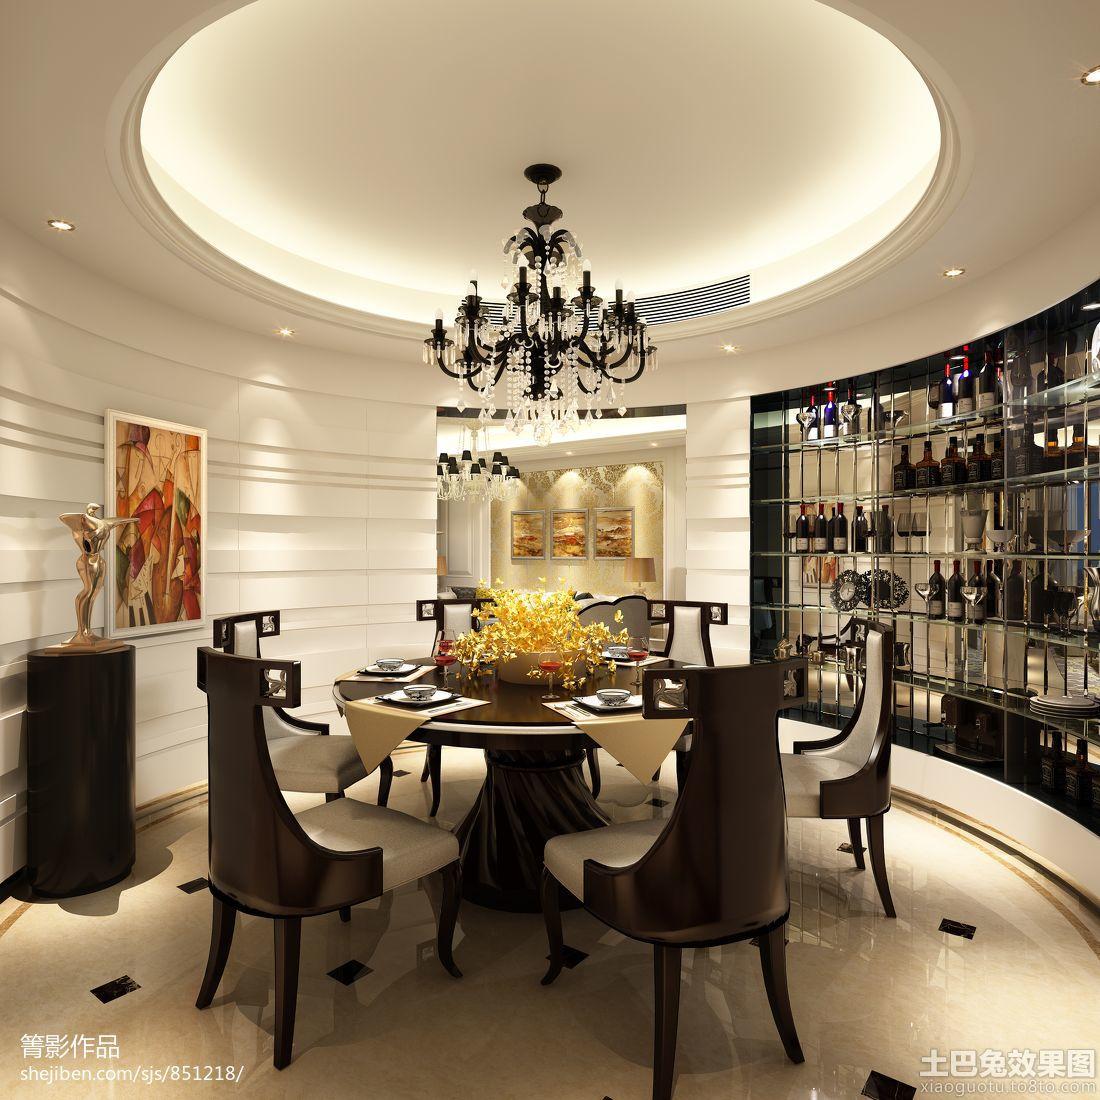 欧式餐厅圆形吊顶装修效果图大全图片装修效果图